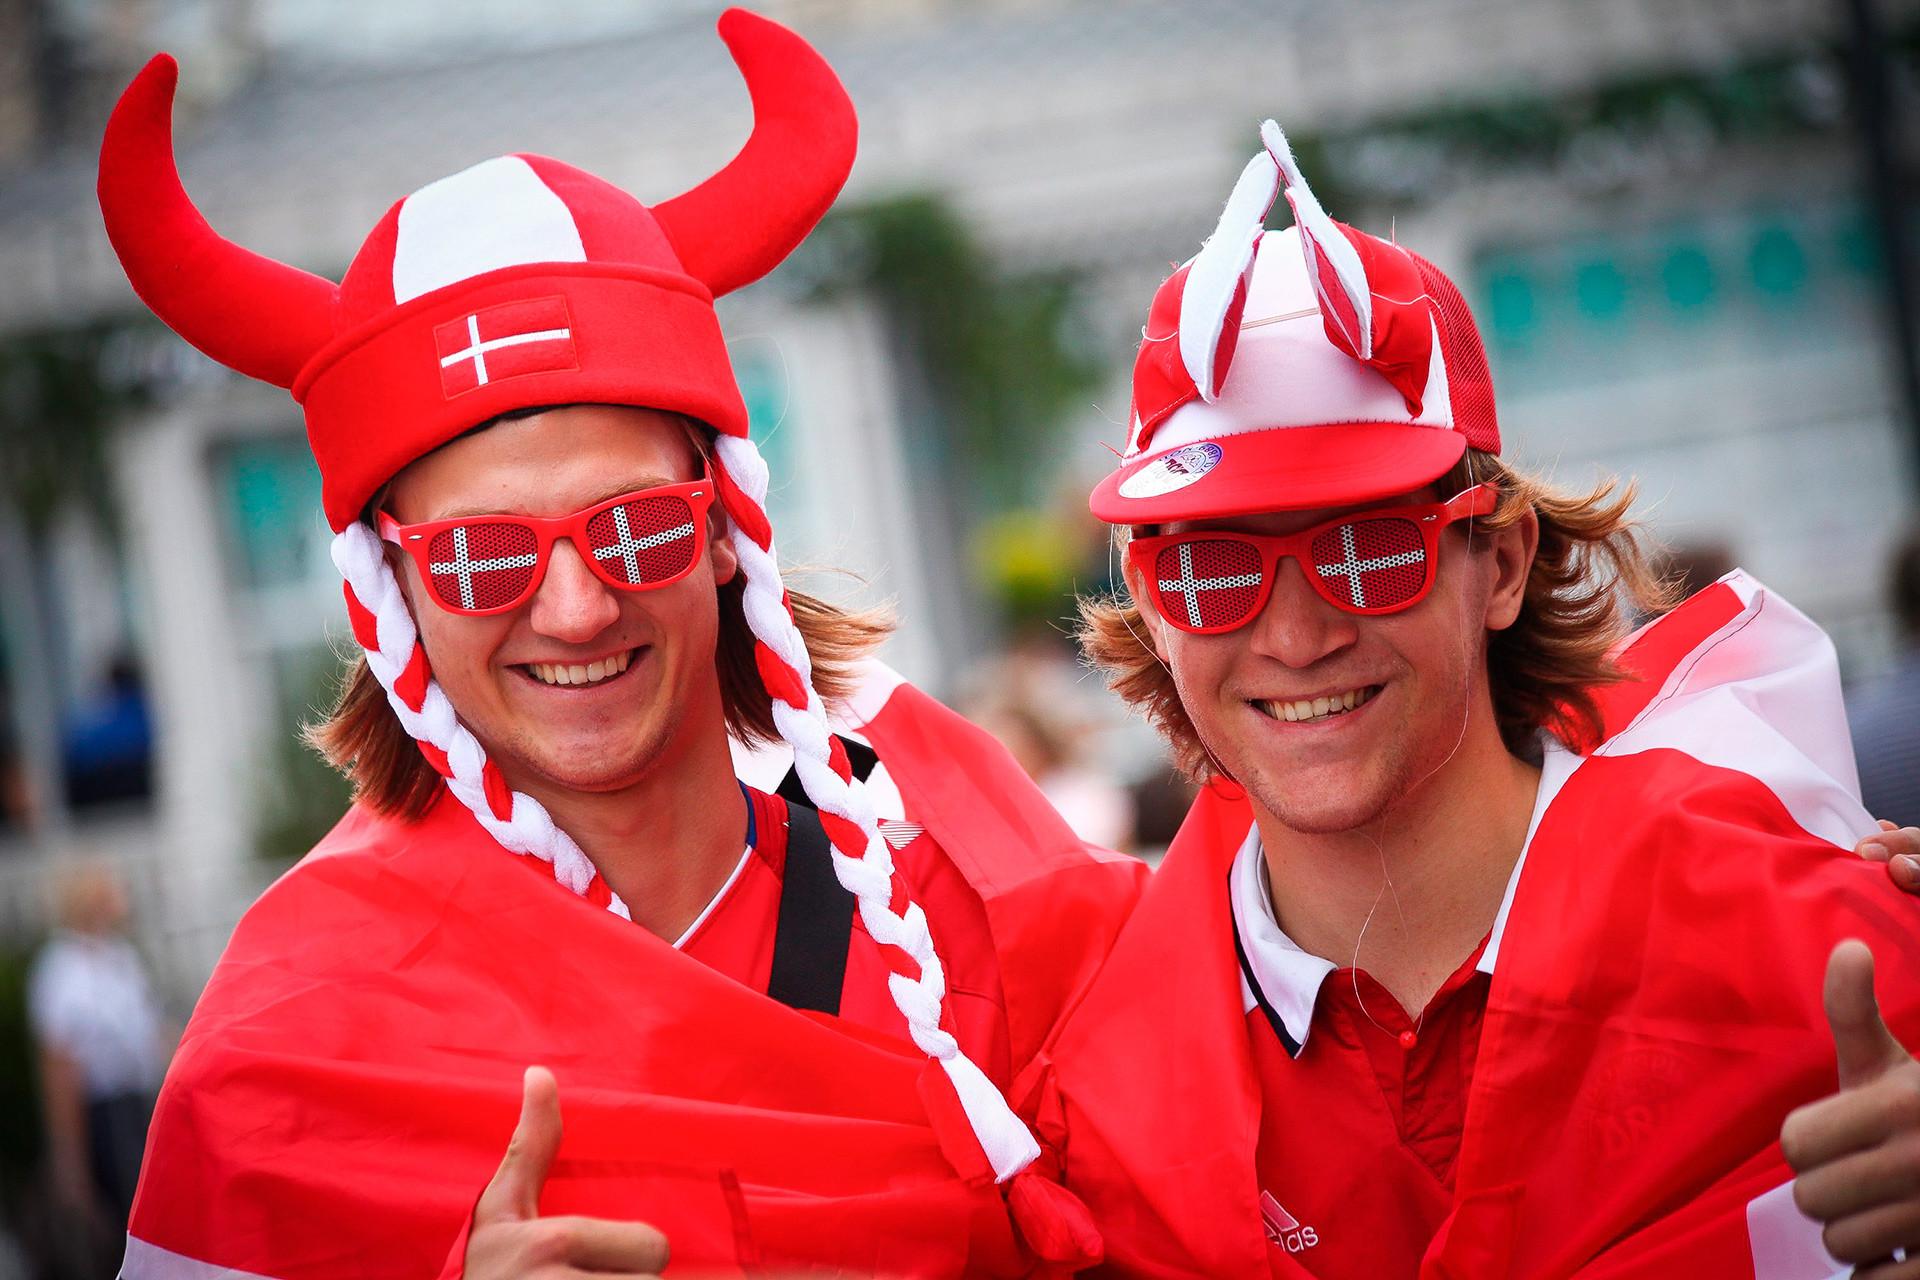 Dua orang pria Denmark ini tengah berjalan-jalan di kota Moskow sebelum berangkat ke Saransk, kota yang menjadi tuan rumah untuk pertandingan antara Denmark melawan Peru pada Sabtu (16/6) besok. Denmark akan mengandalkan gelandang Tottenham Christian Eriksen untuk lolos ke babak berikutnya.